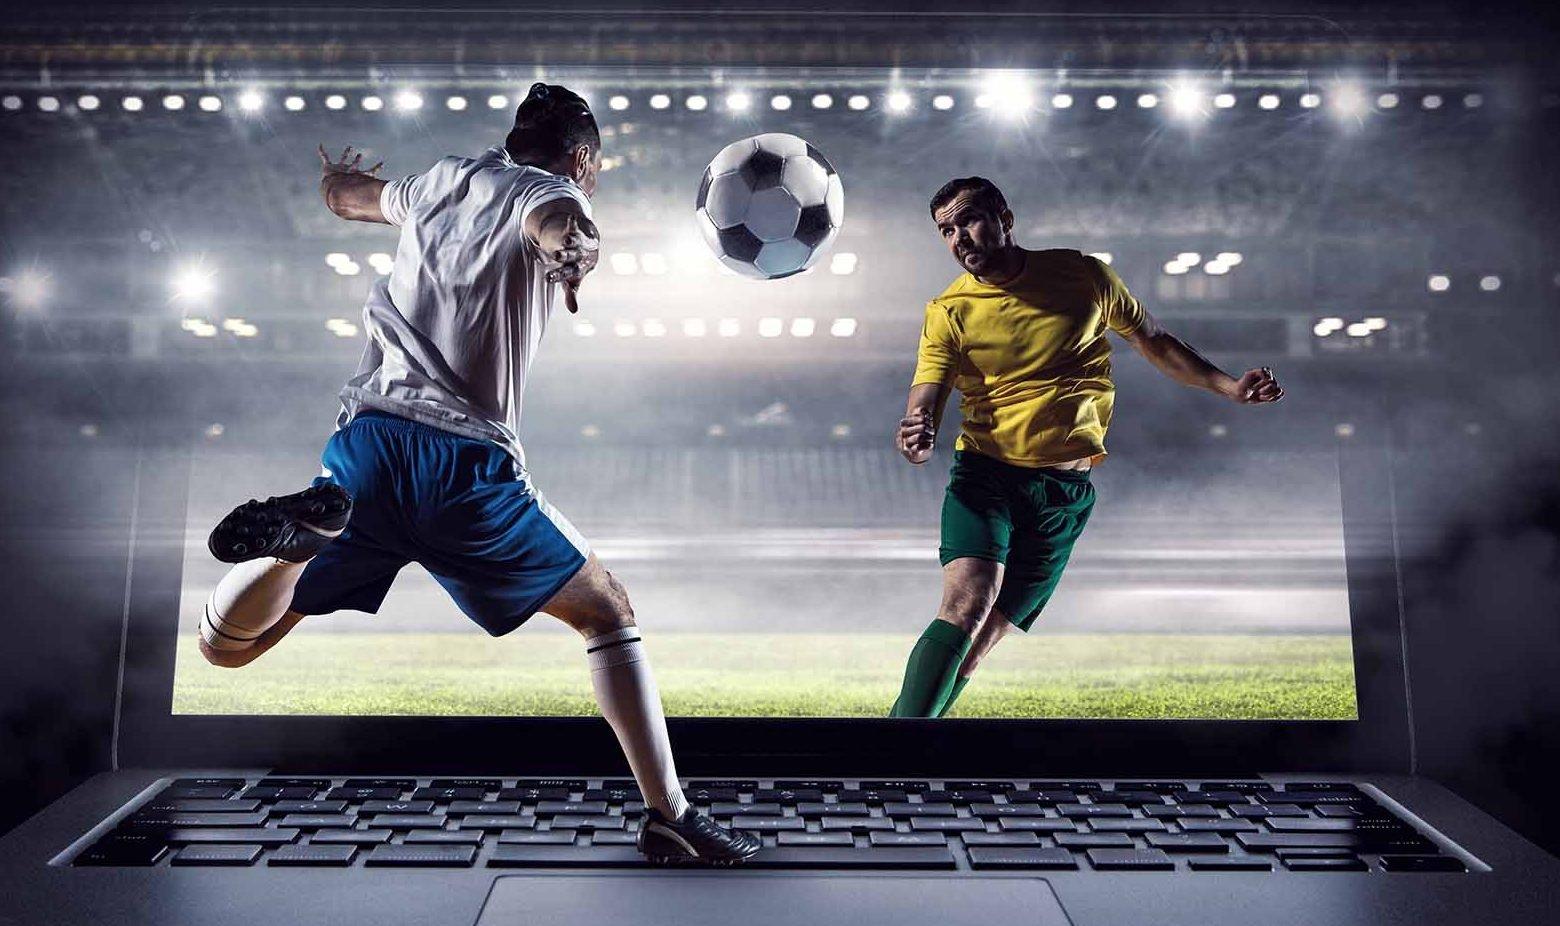 Можно ли заработать покупая прогнозы на спорт?